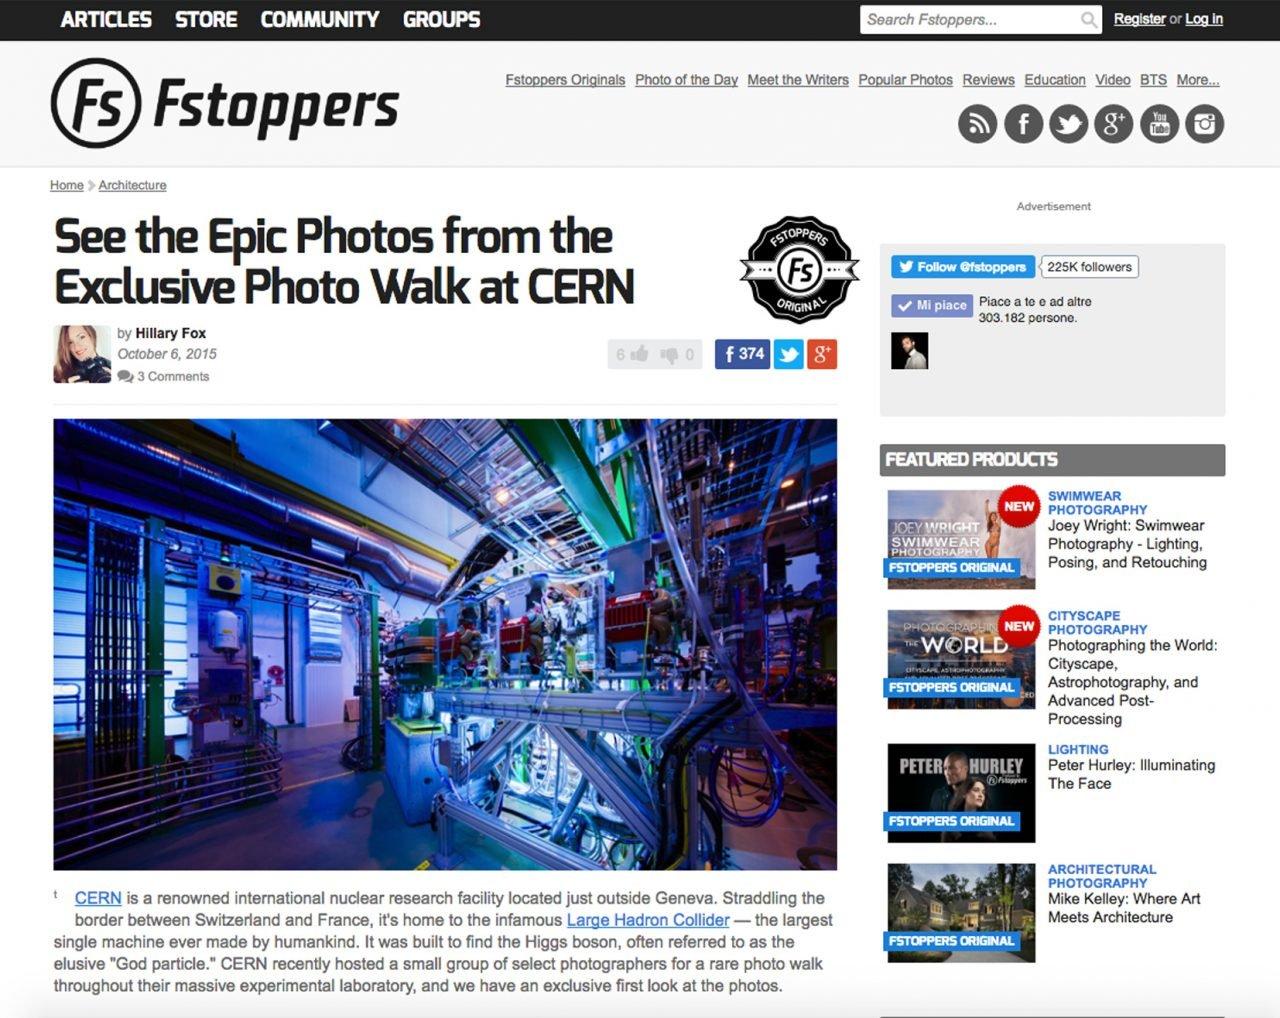 """Screenshot del blog americano Fstoppers.com riguardante l'articolo """"See the Epic Photos from the Exclusive Photo Walk at CERN"""" scritto da Hillary Fox"""